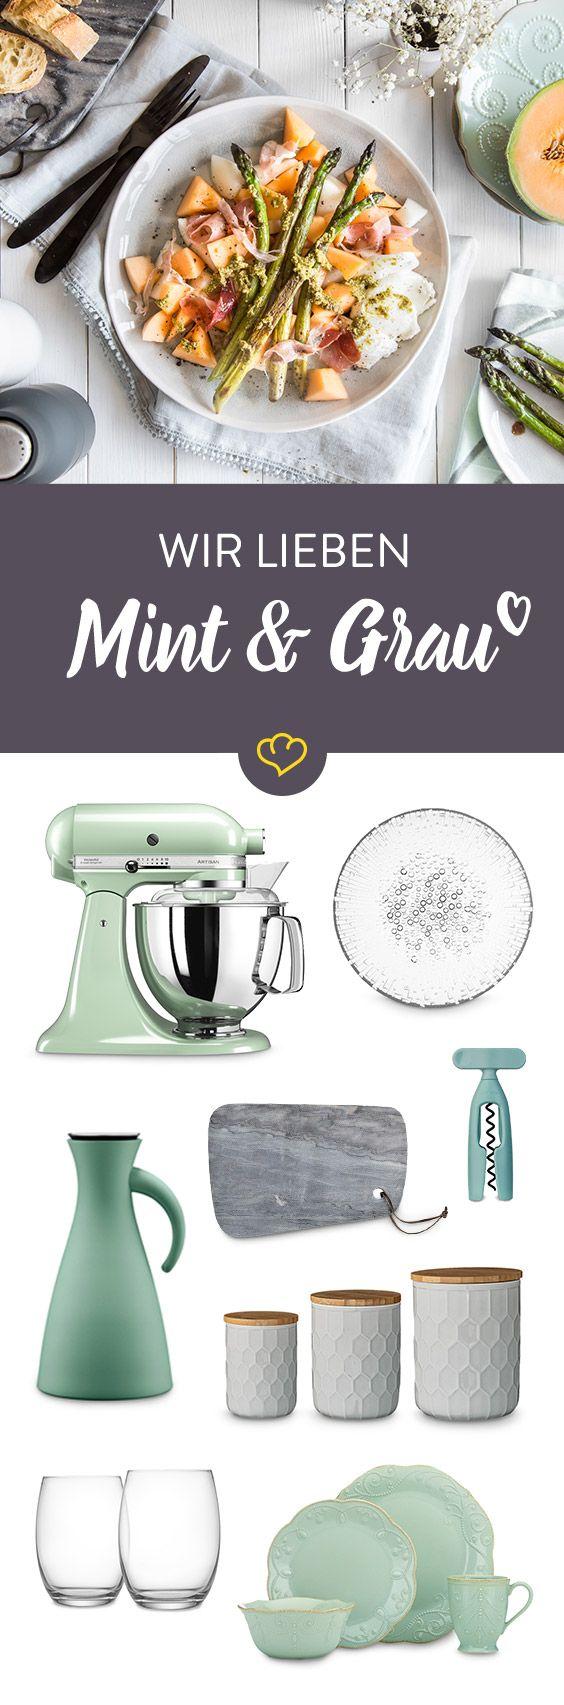 Minimalistisches Grau und pastelliges Mint sind die neue Traumkombination für deine Wohnung! Wir sind ganz verliebt in die süßen Küchenhelfer und stylischen Deko-Artikel.